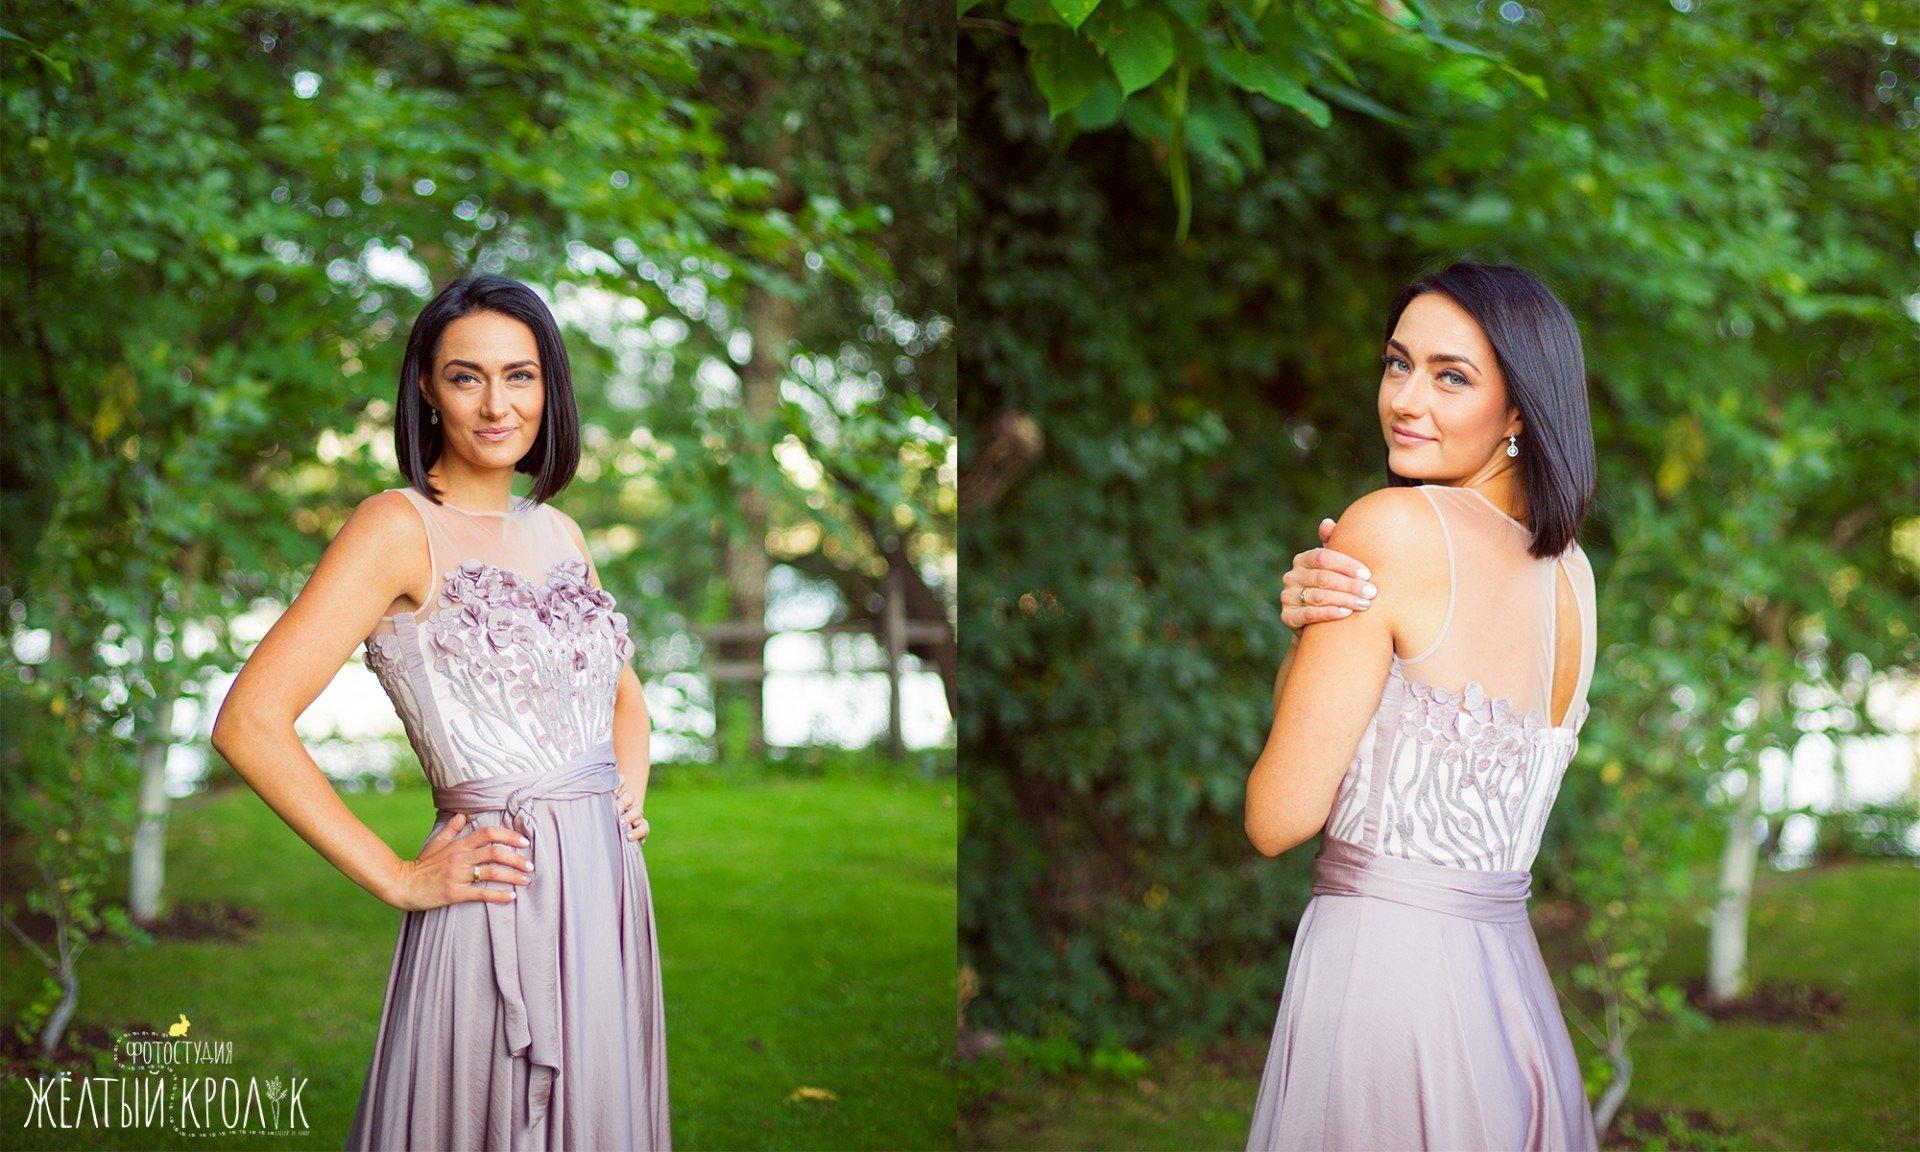 красивая девушка на природе - репортажная фотосъемка в фотостудии желтый кролик